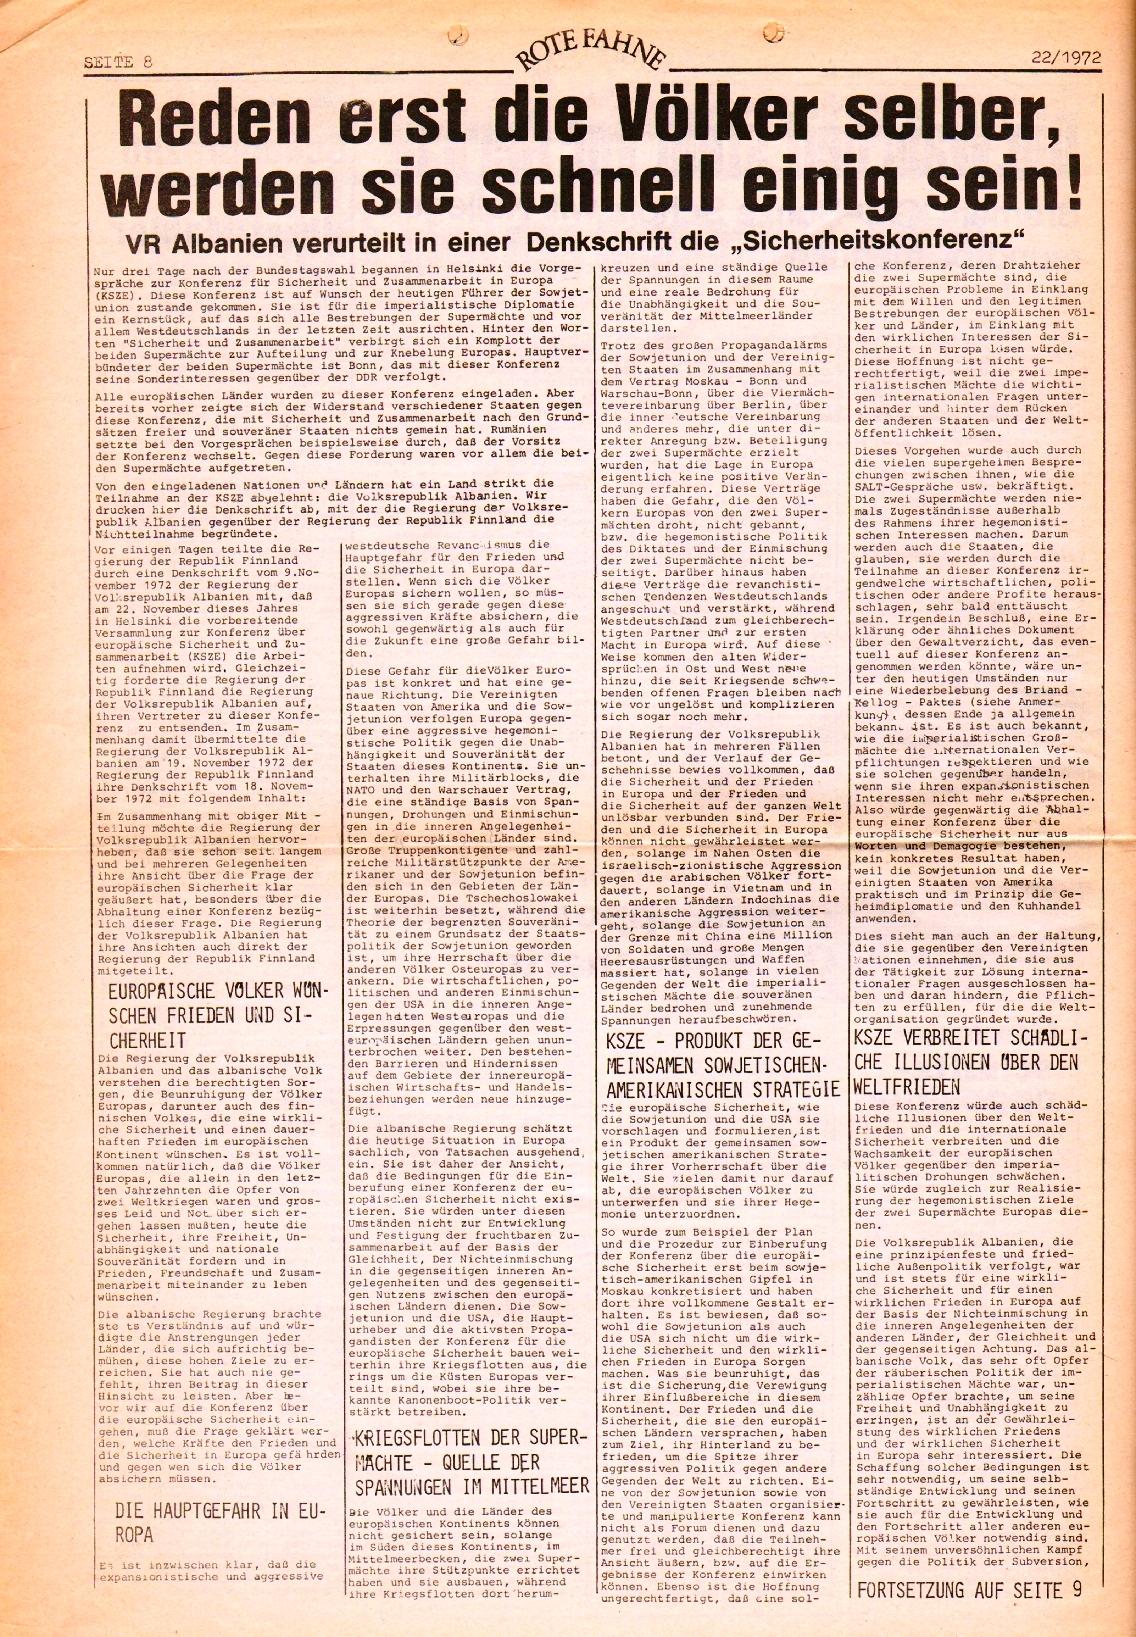 Rote Fahne, 3. Jg., 1.12.1972, Nr. 22, Seite 8